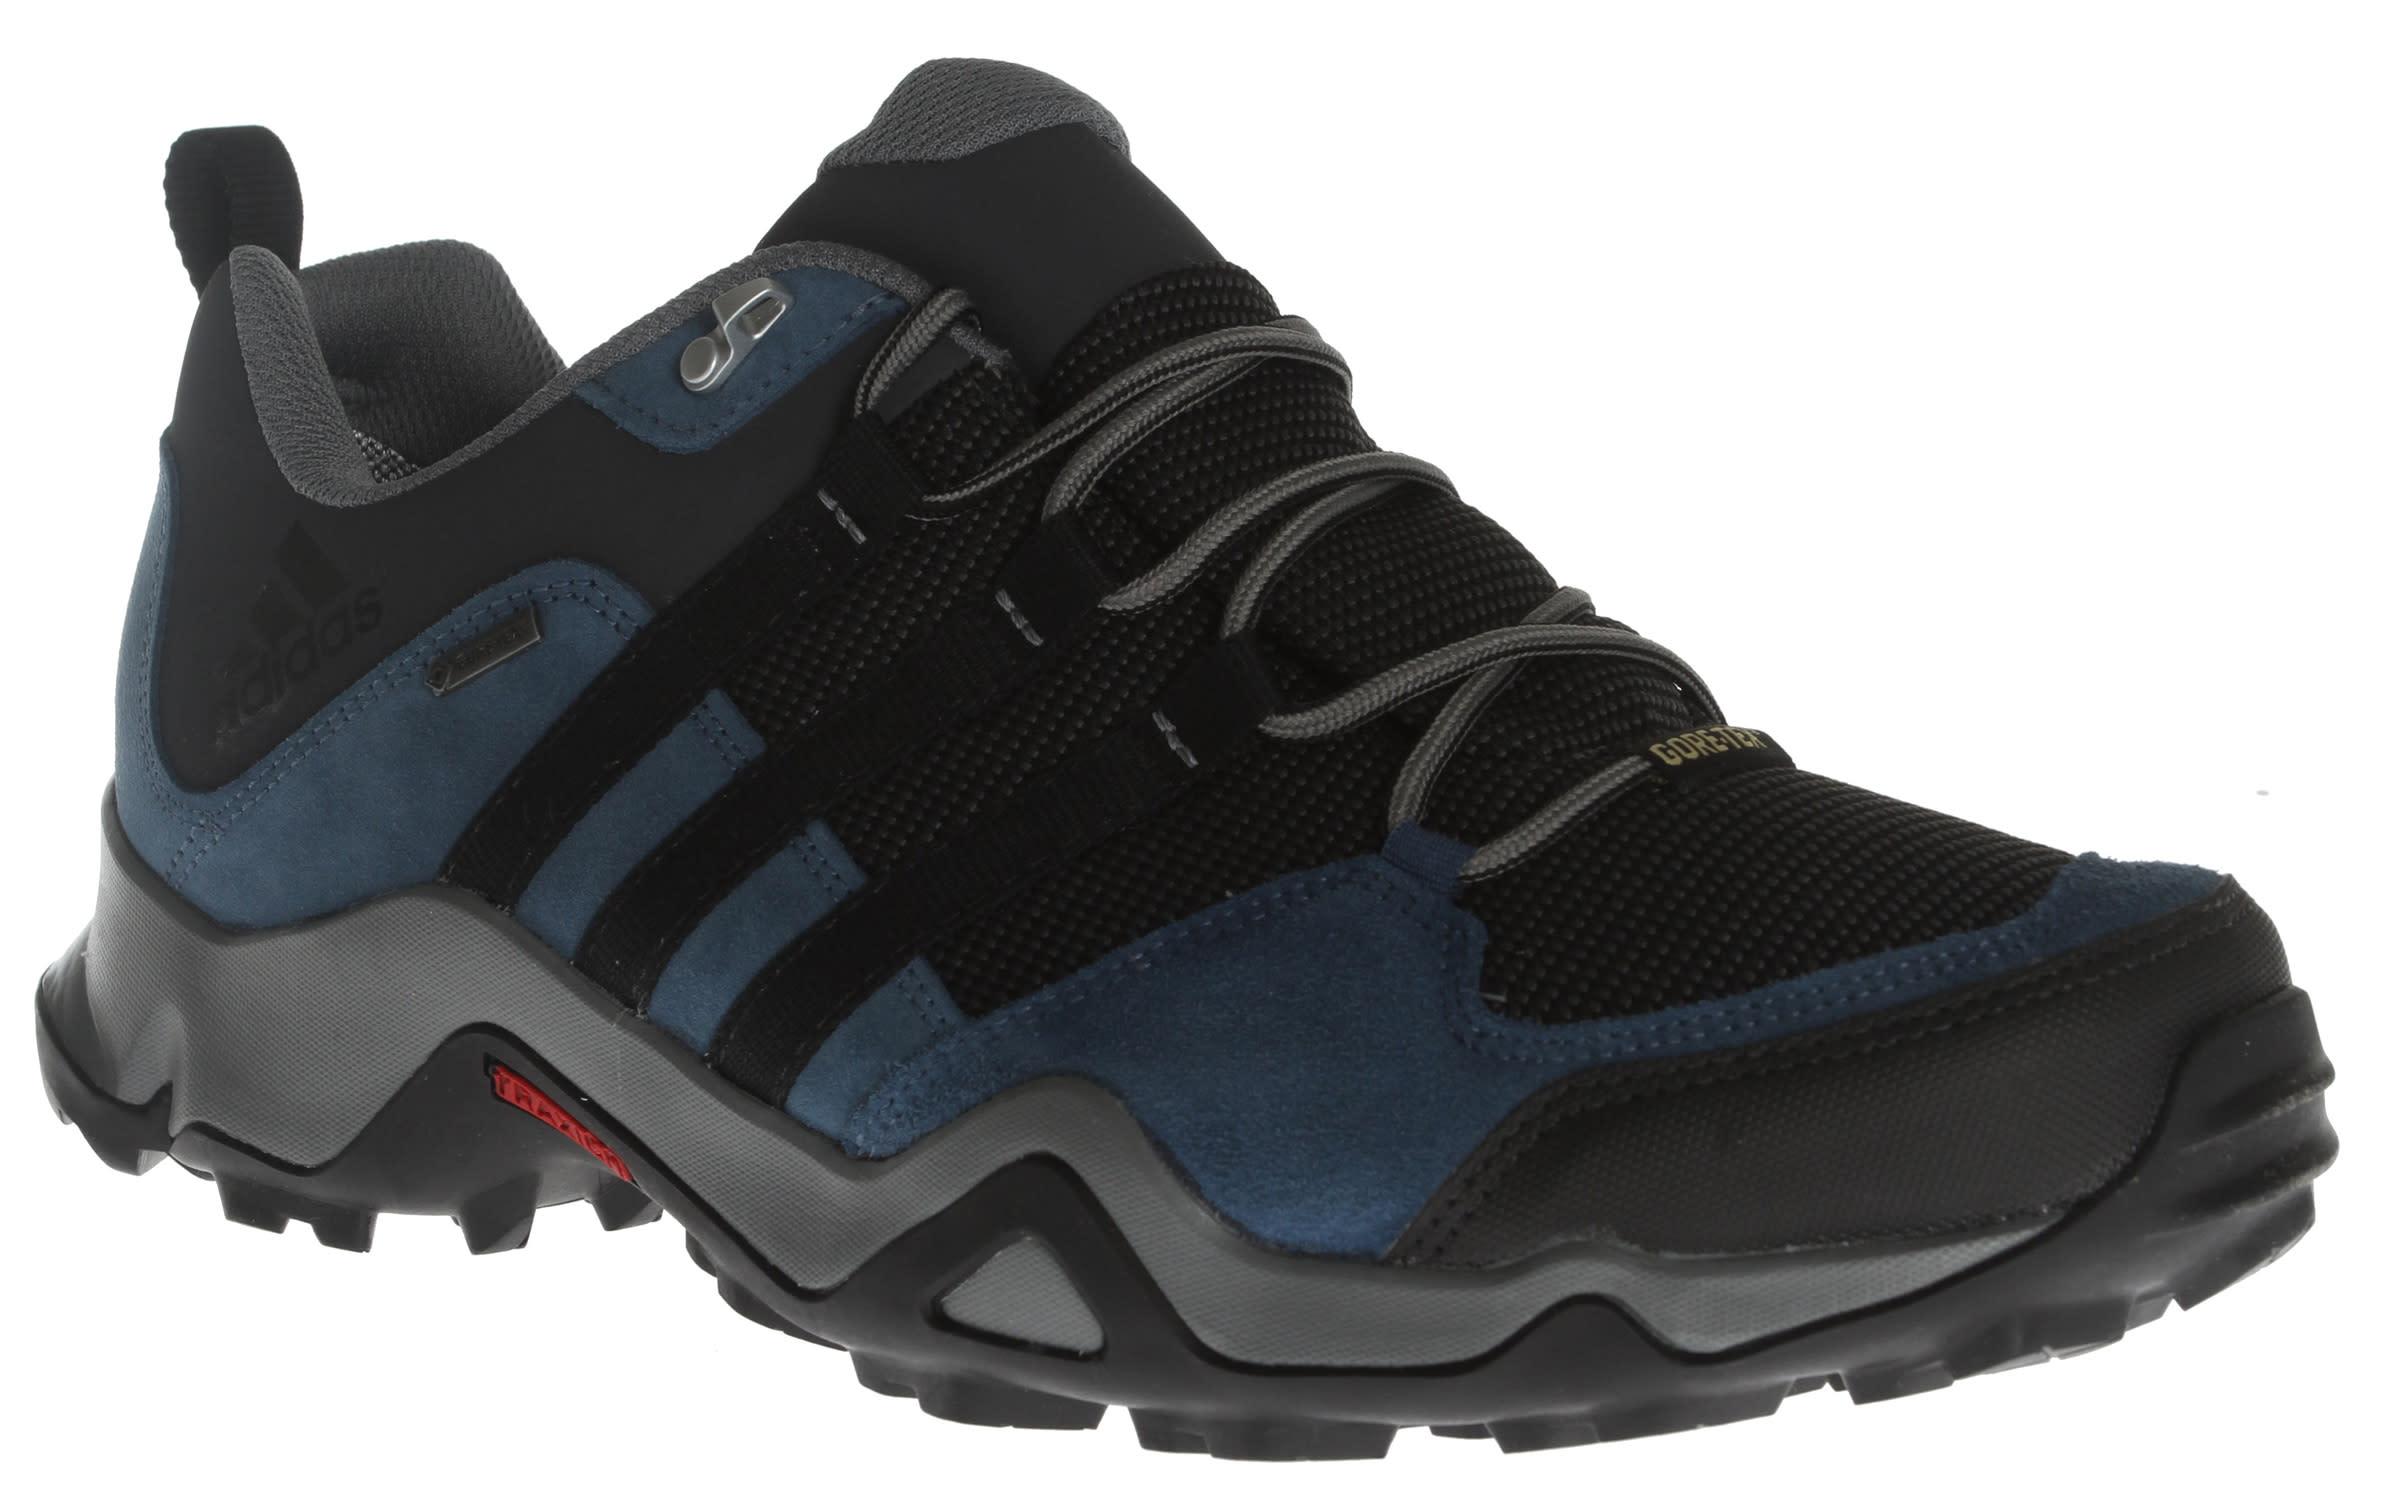 In Vendita Adidas Boscaglie Trekking Maglie Gtx Scarpe Da Trekking Boscaglie Fino Al 50% ad4f56